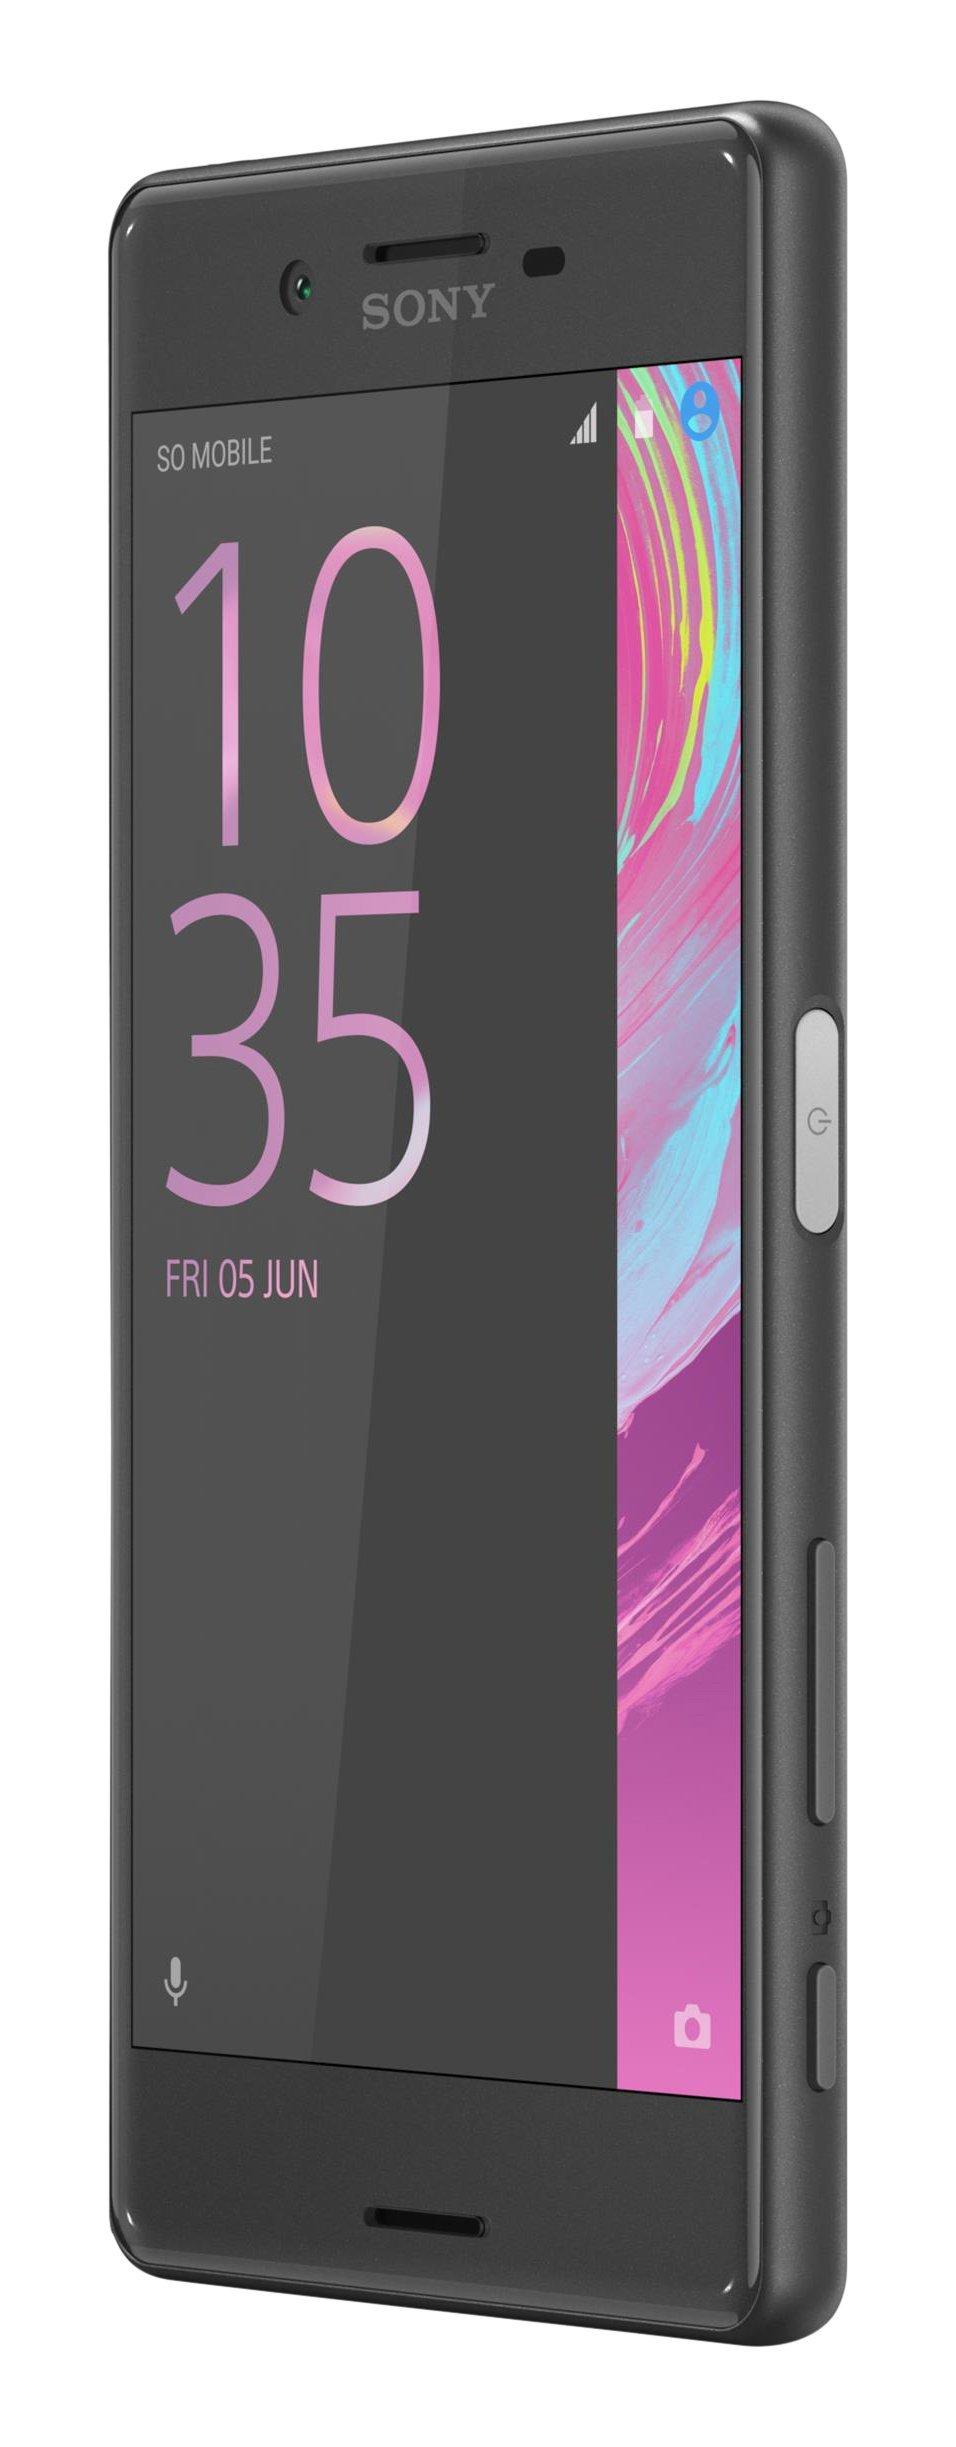 Sony Xperia X unlocked smartphone,32GB Black (US Warranty)